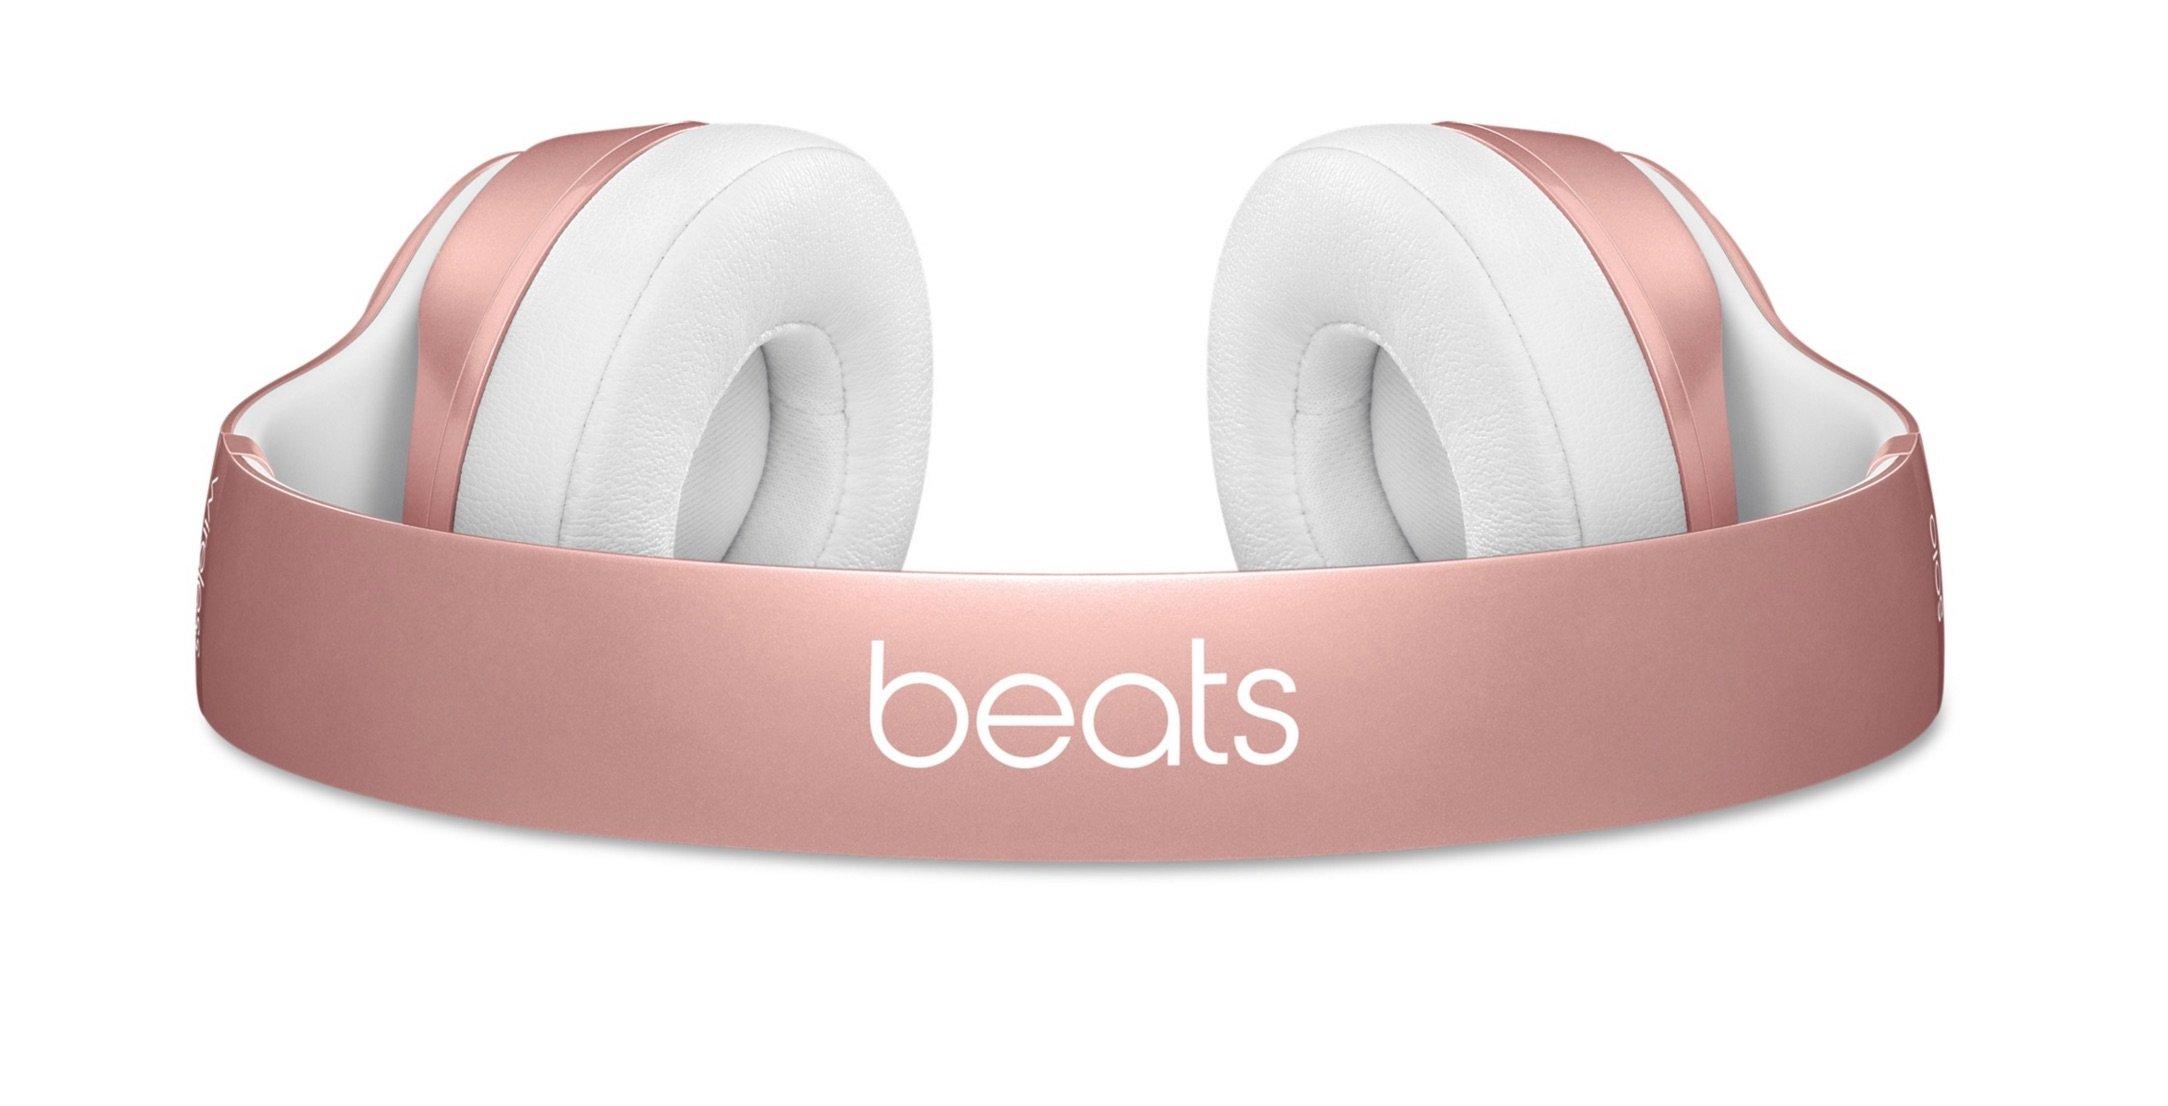 BeatsX: Wireless-Kopfhörer erscheinen laut Apple im Februar 2017 1